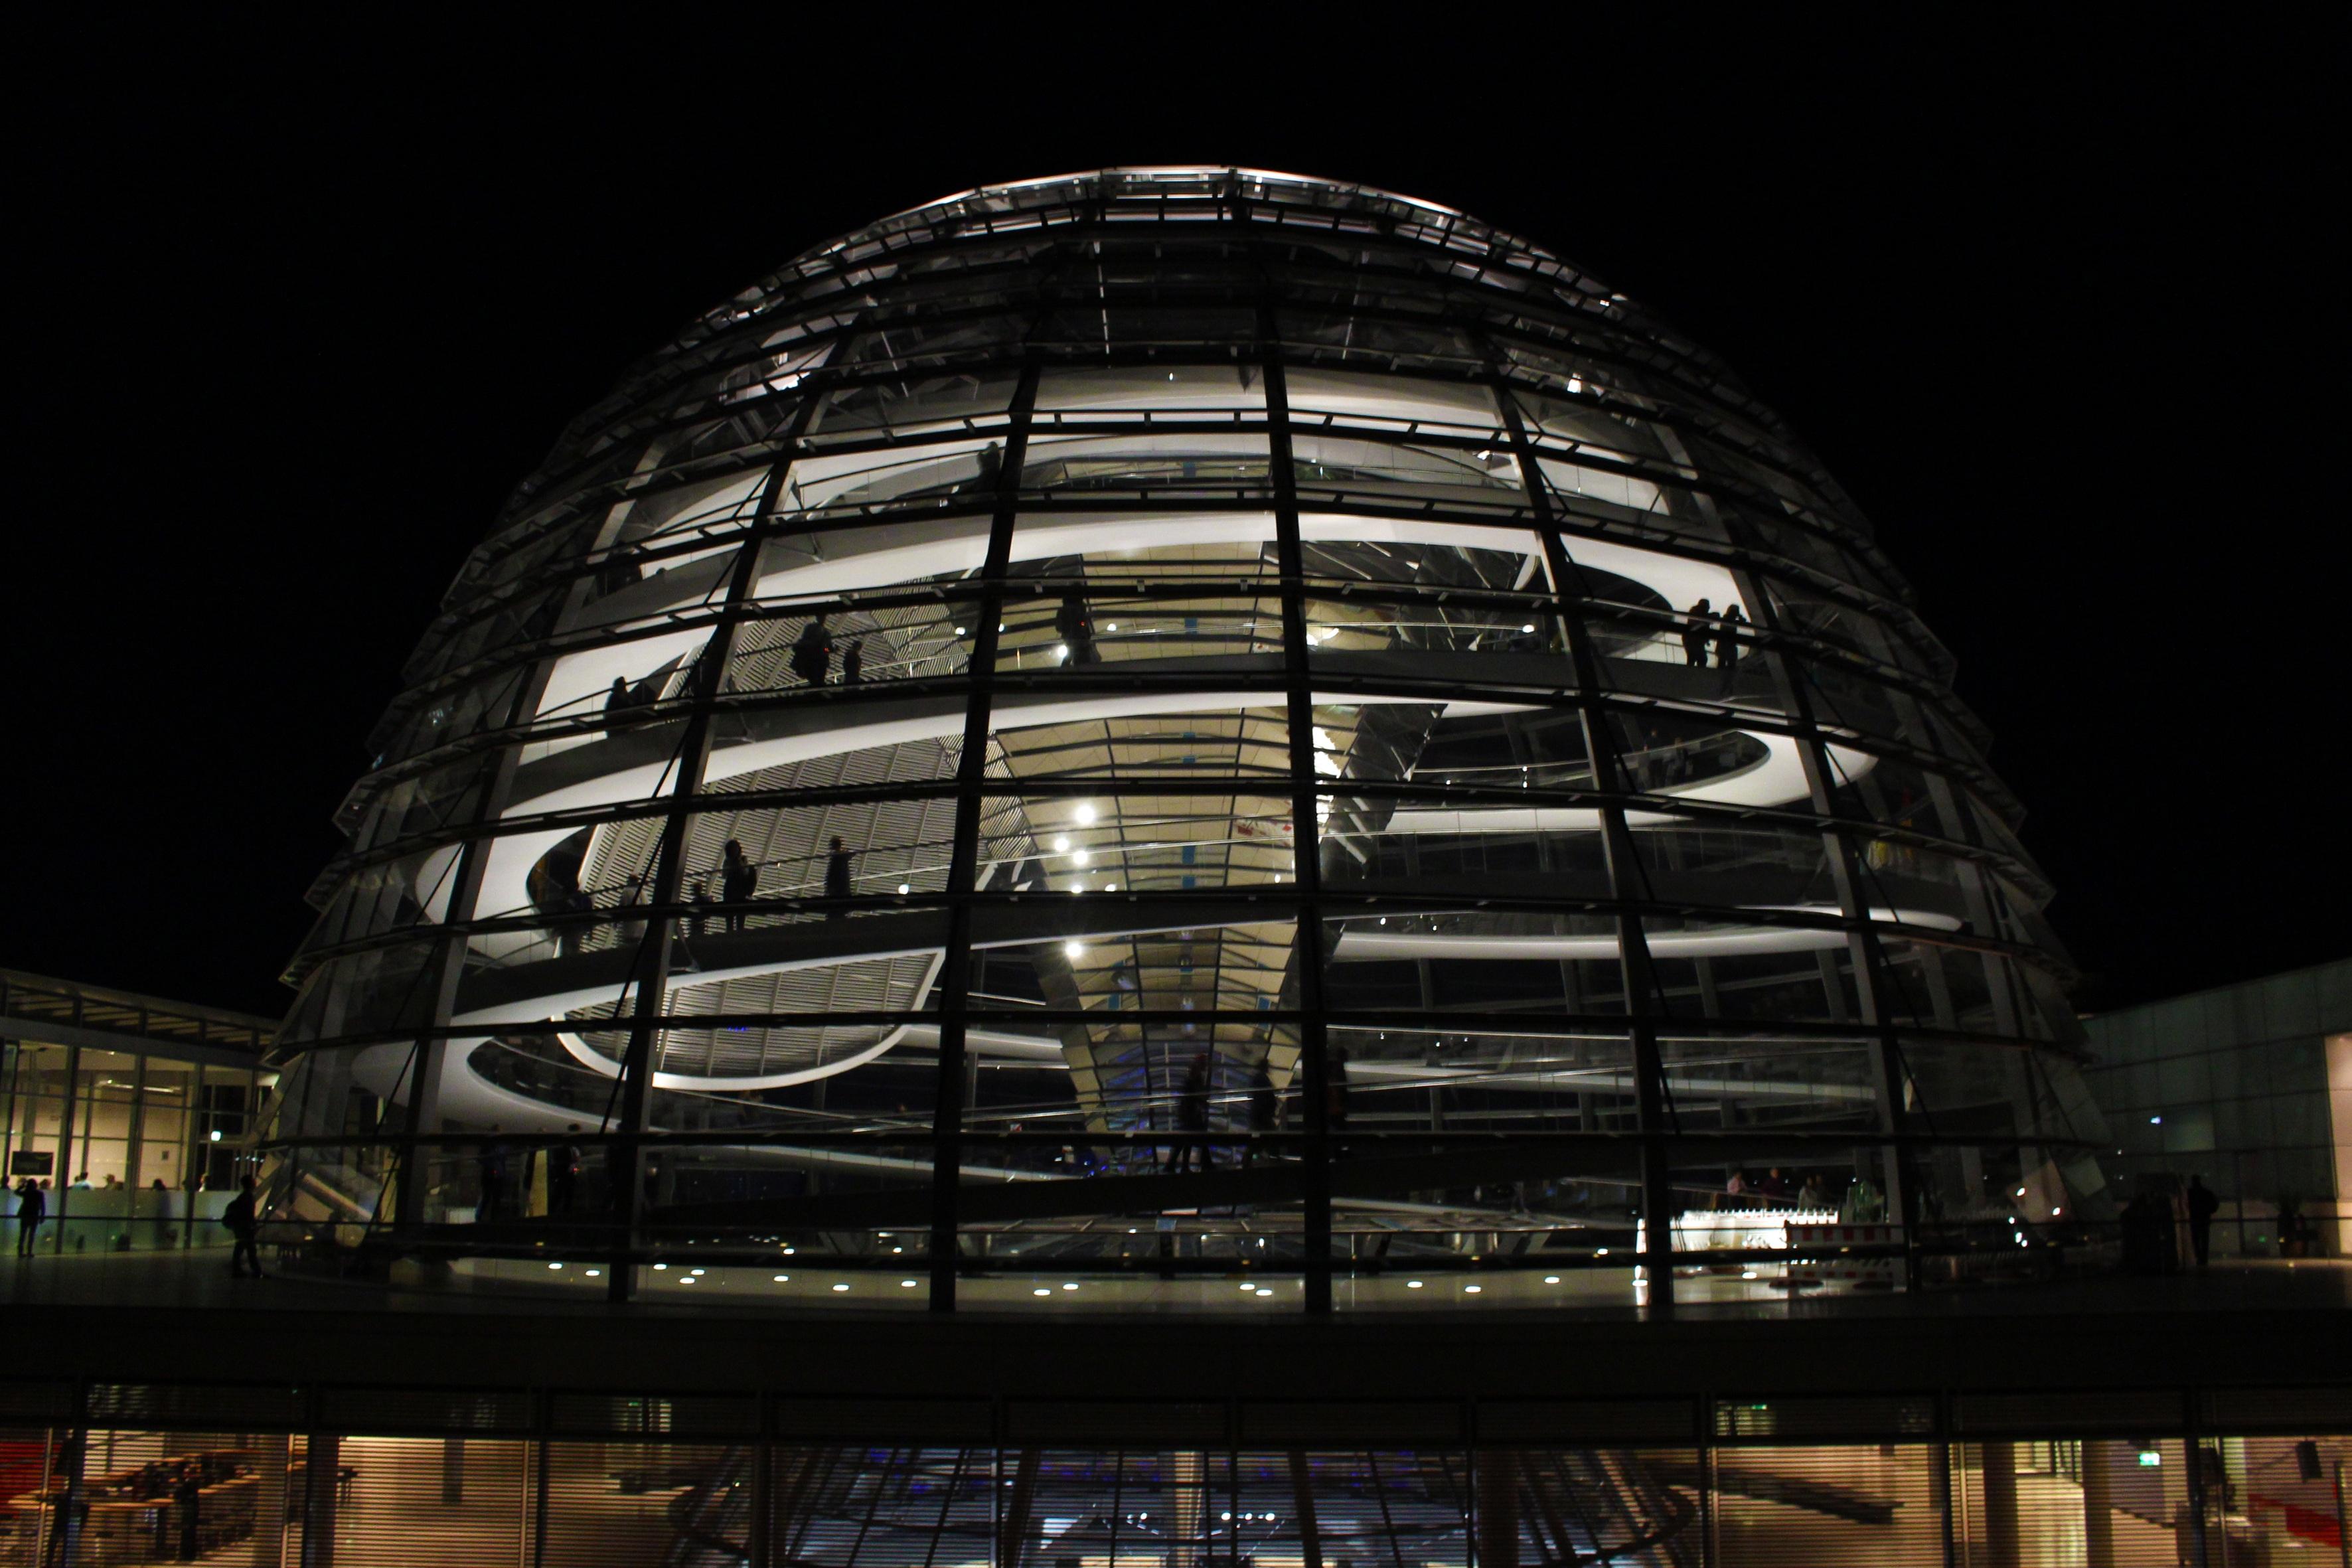 Lobbyismus im Bundestag - es gibt auch dunkle Seiten.